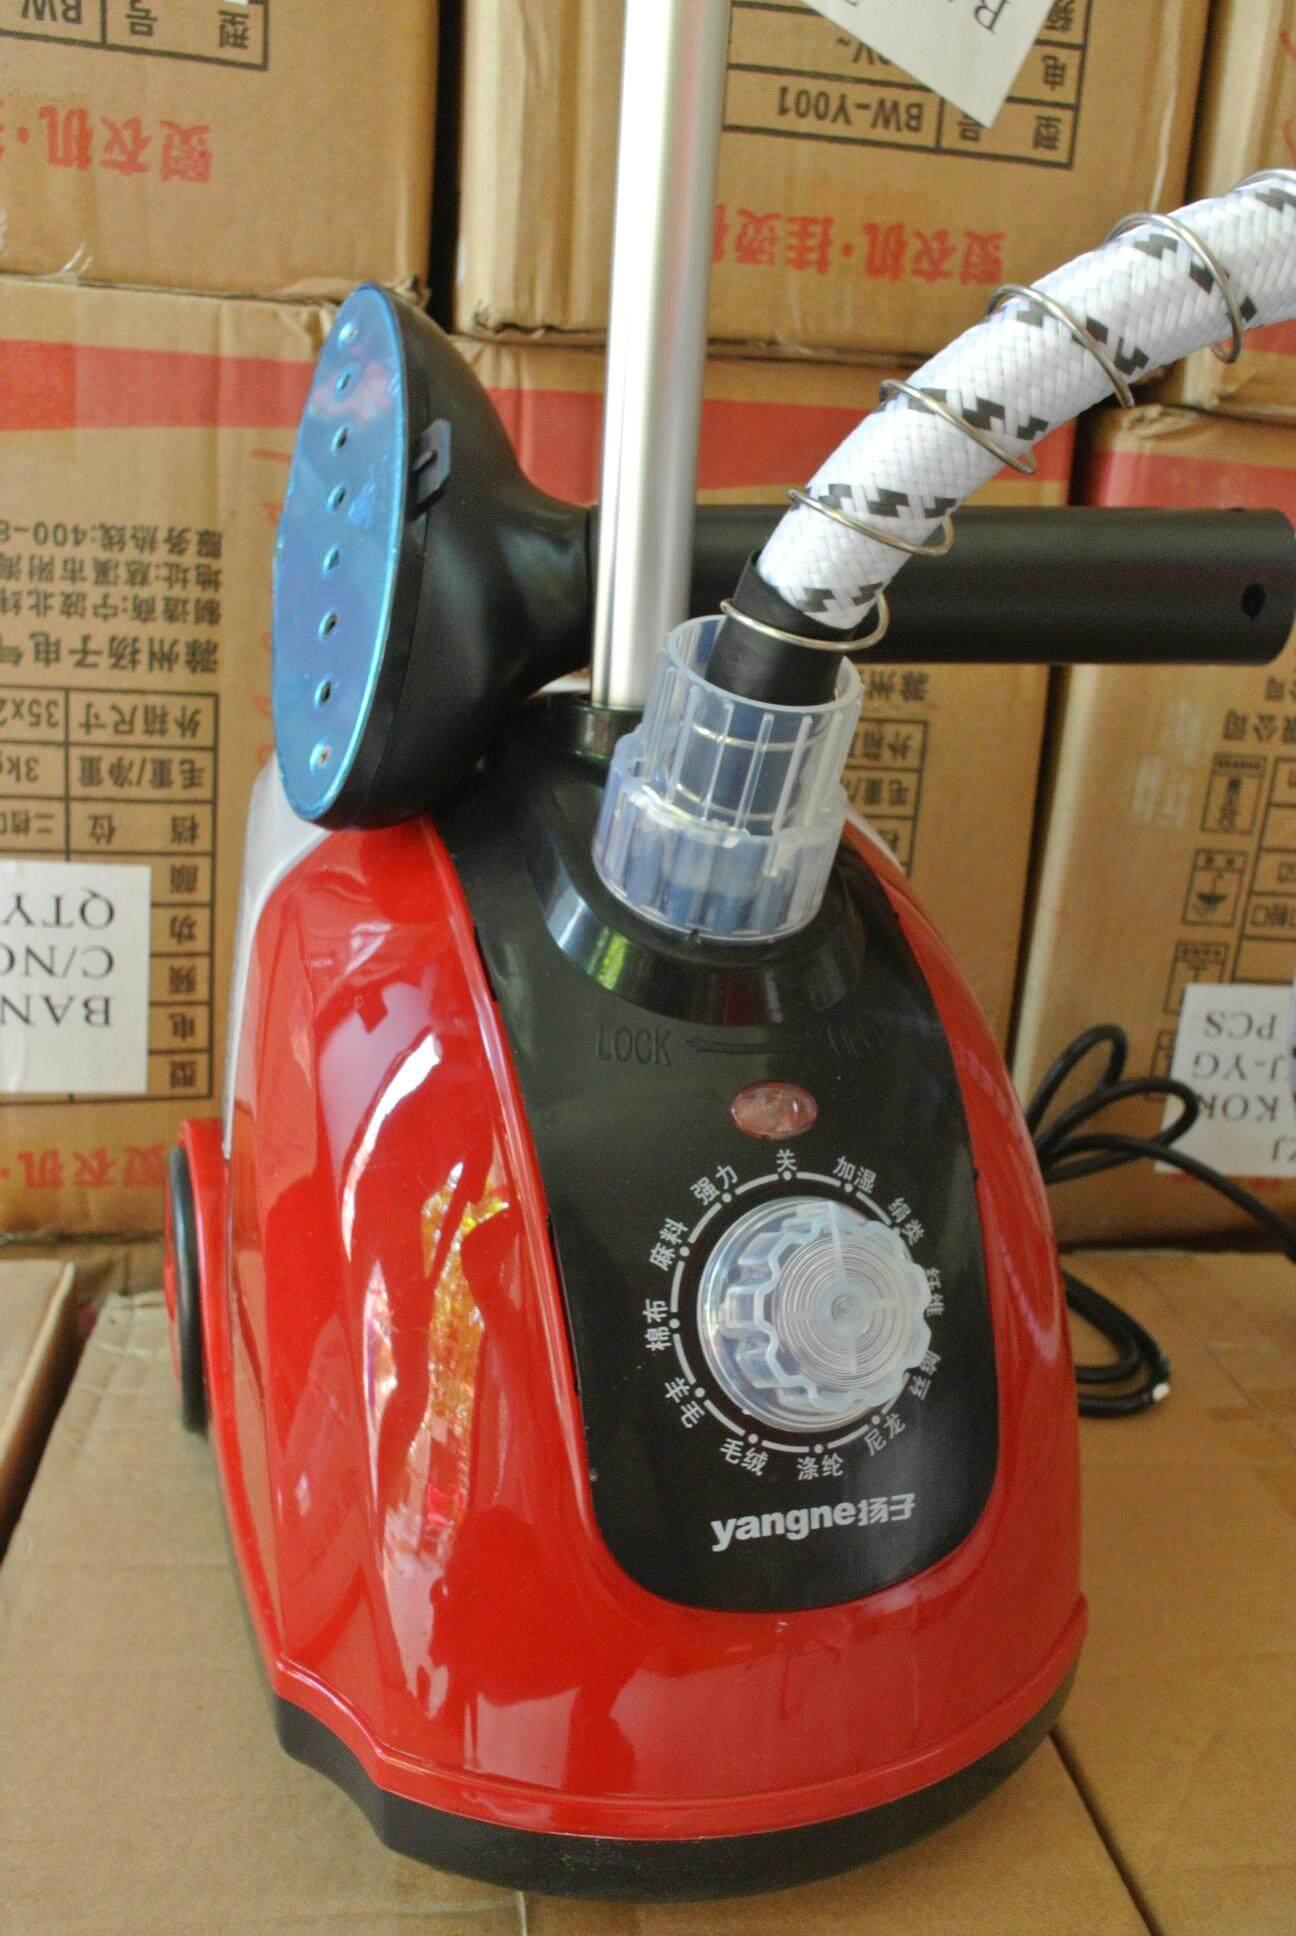 เครื่องรีดไอน้ำถนอมผ้า เตารีดไอน้ำ ใช้งานง่าย สะดวกสบาย By Brilliant E-Commerce.